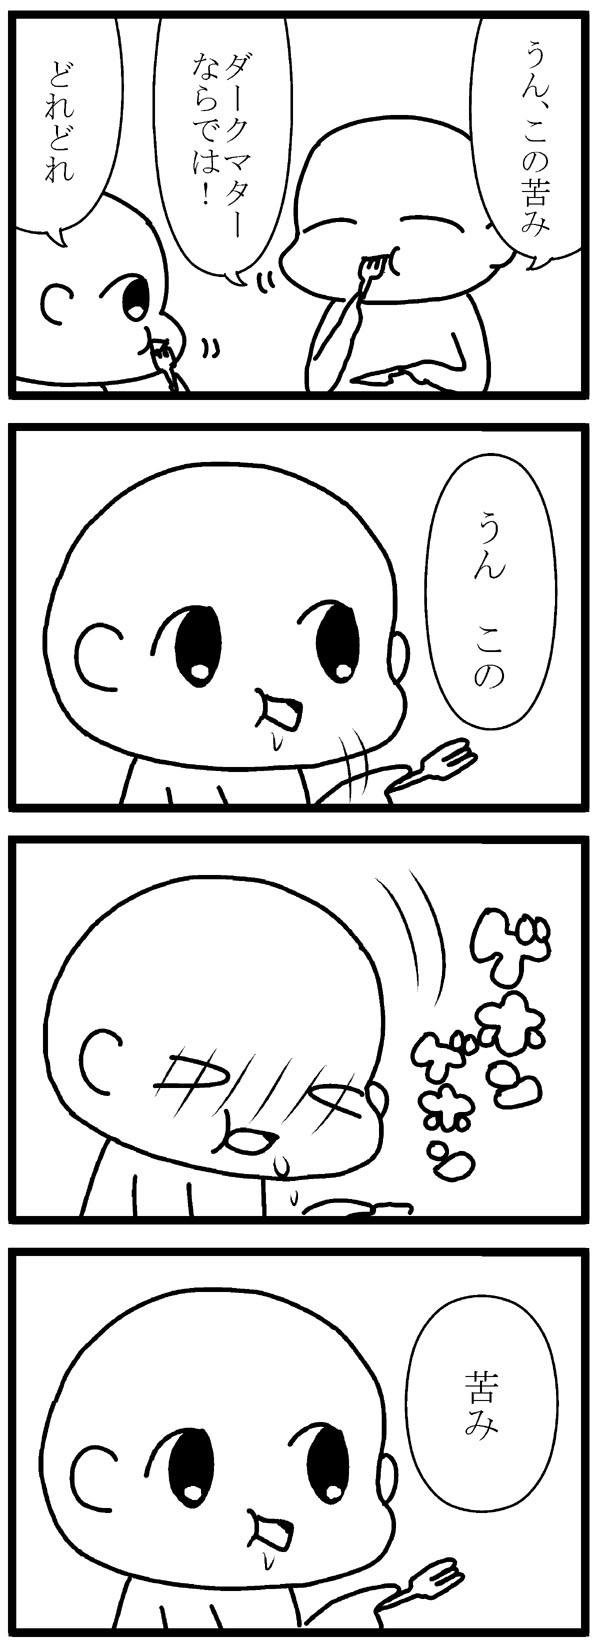 667d8bc0.jpg